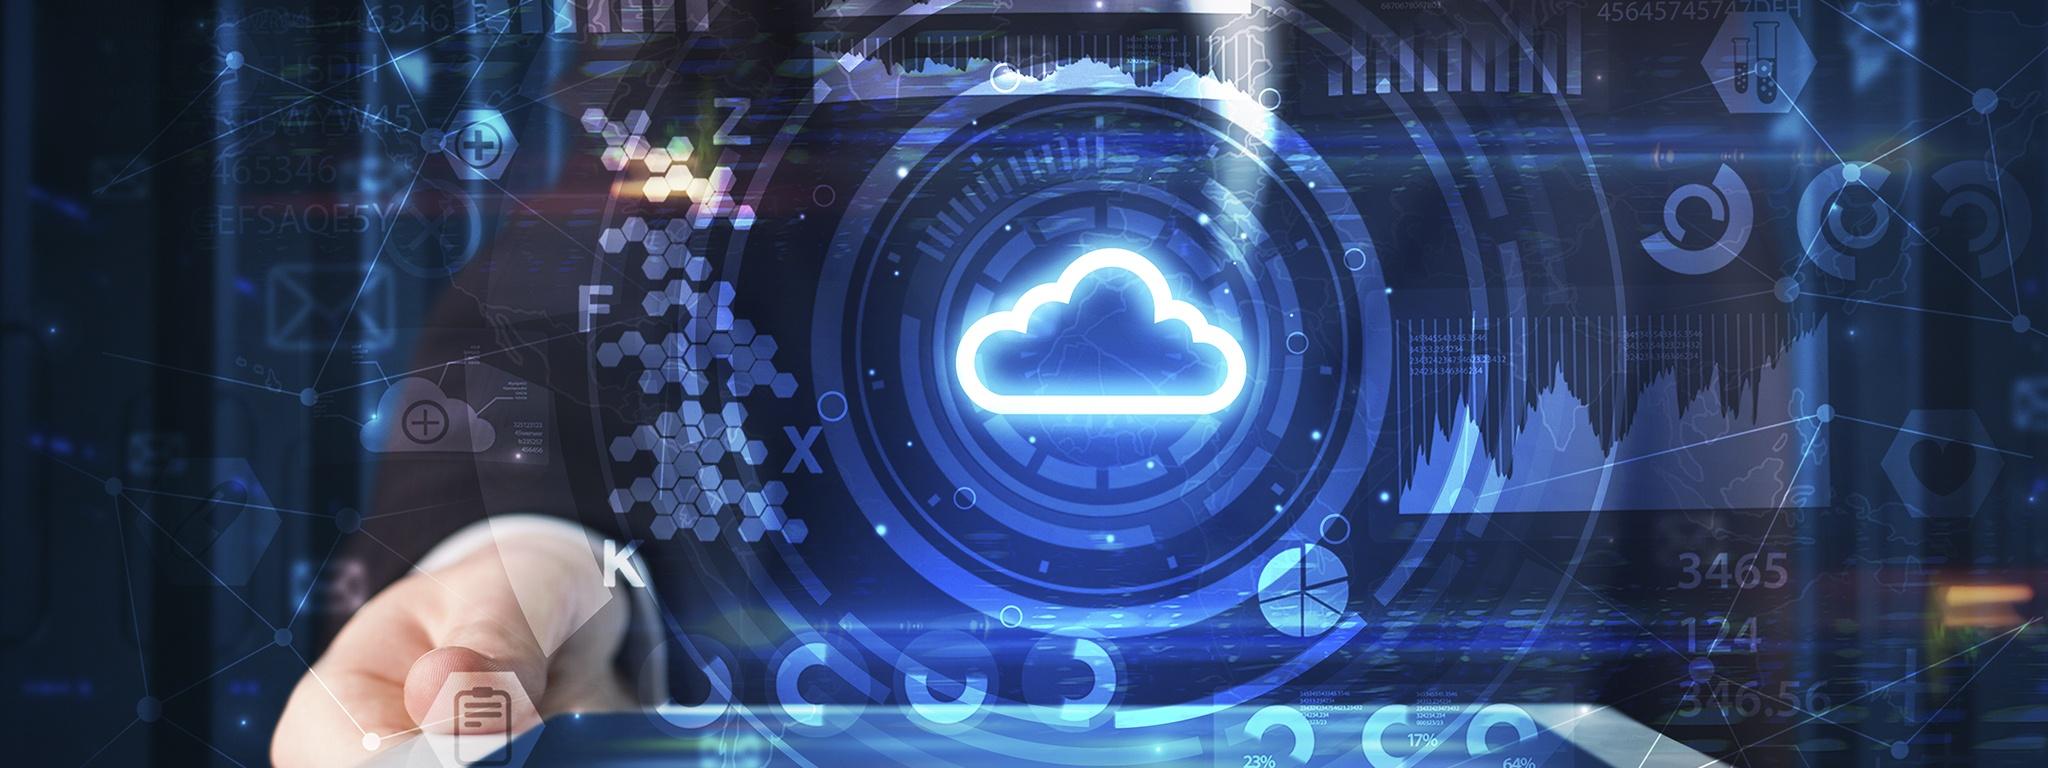 un hombre en una sala de servidores, sosteniendo una tableta con una ilustración de tecnología de nube y un diagrama en 2D saliendo de la pantalla